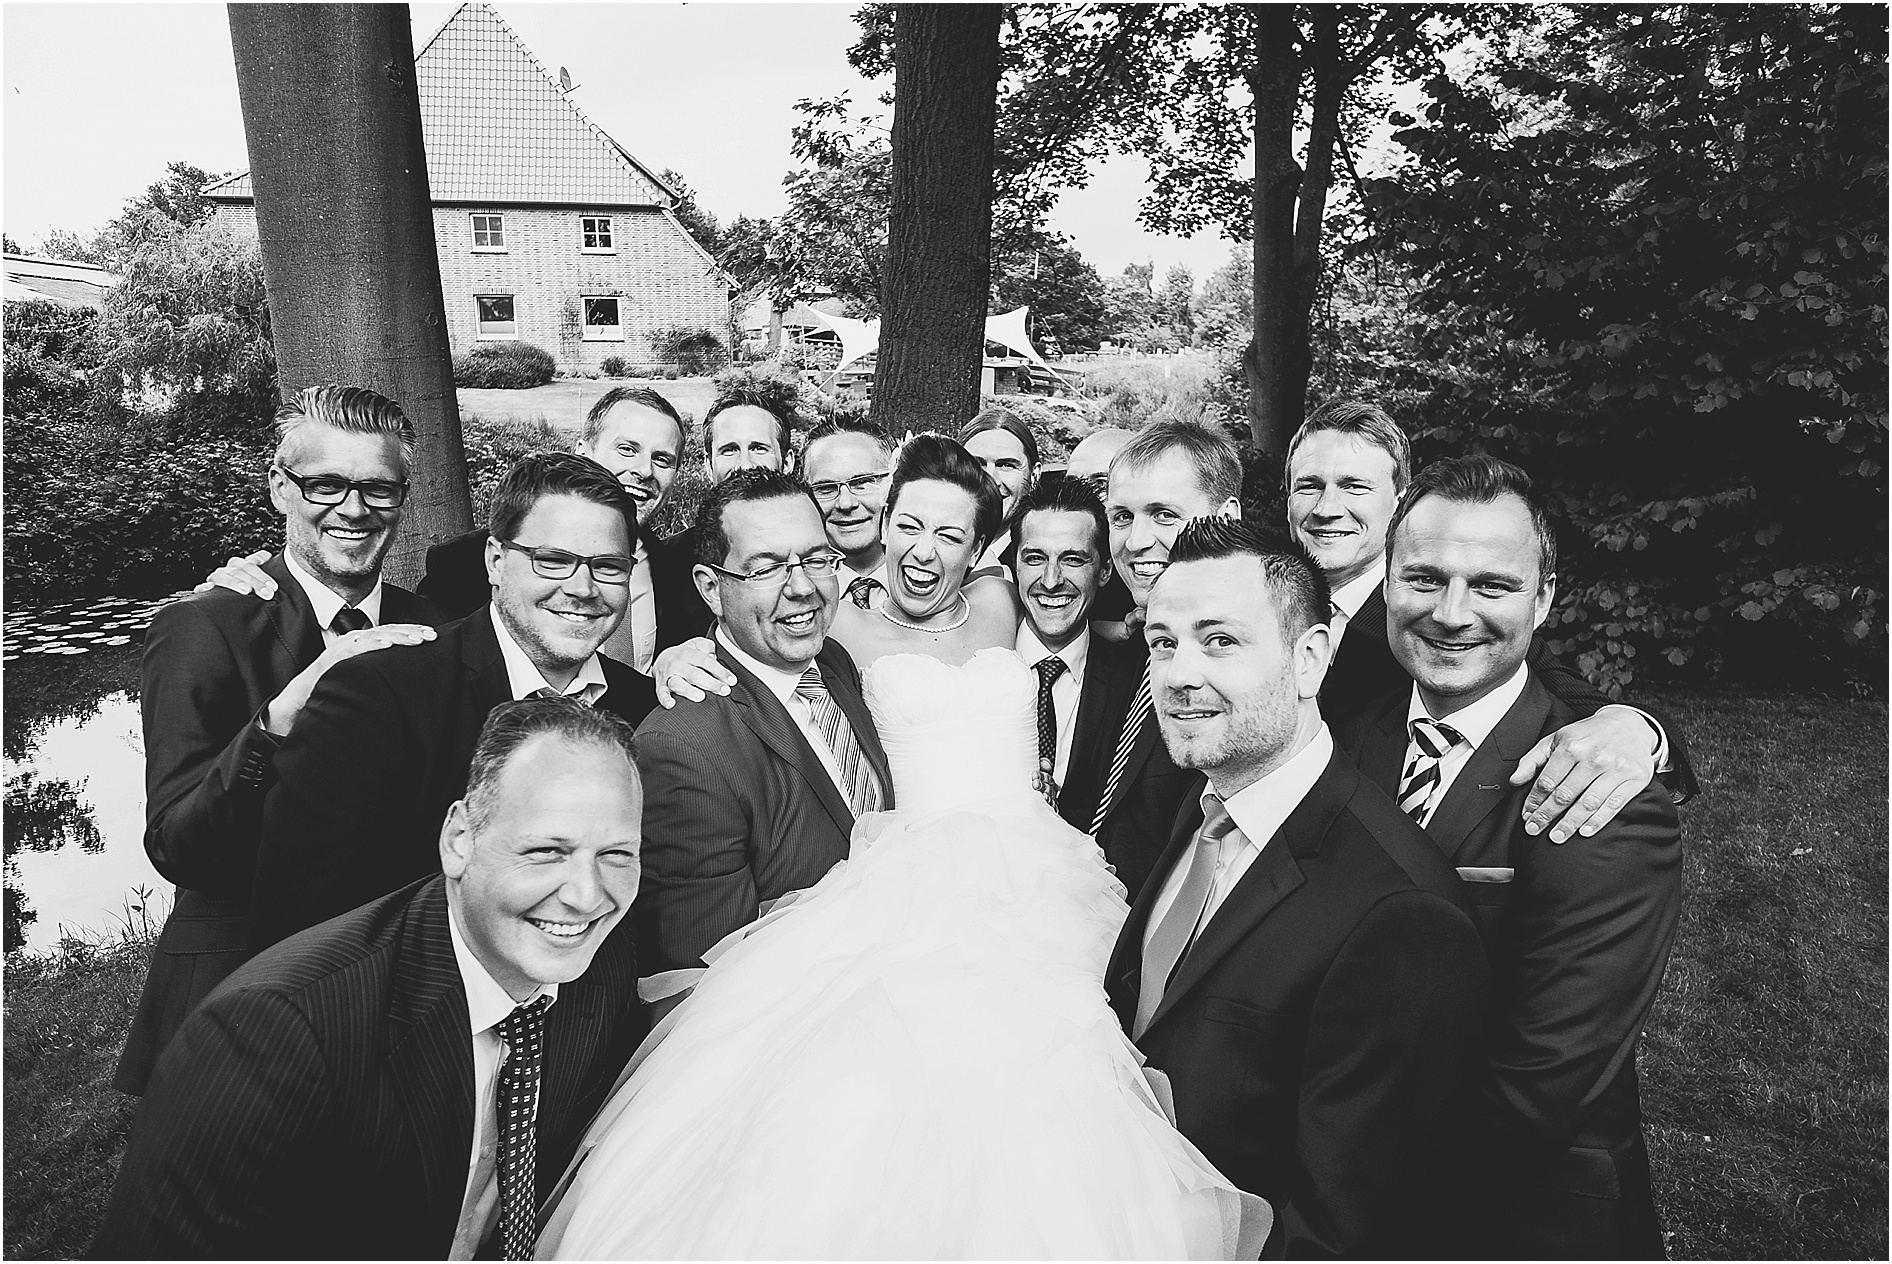 2015-10-27_0080 Tine & Chrischan - Hochzeitsfilm & Fotos in Lüneburg